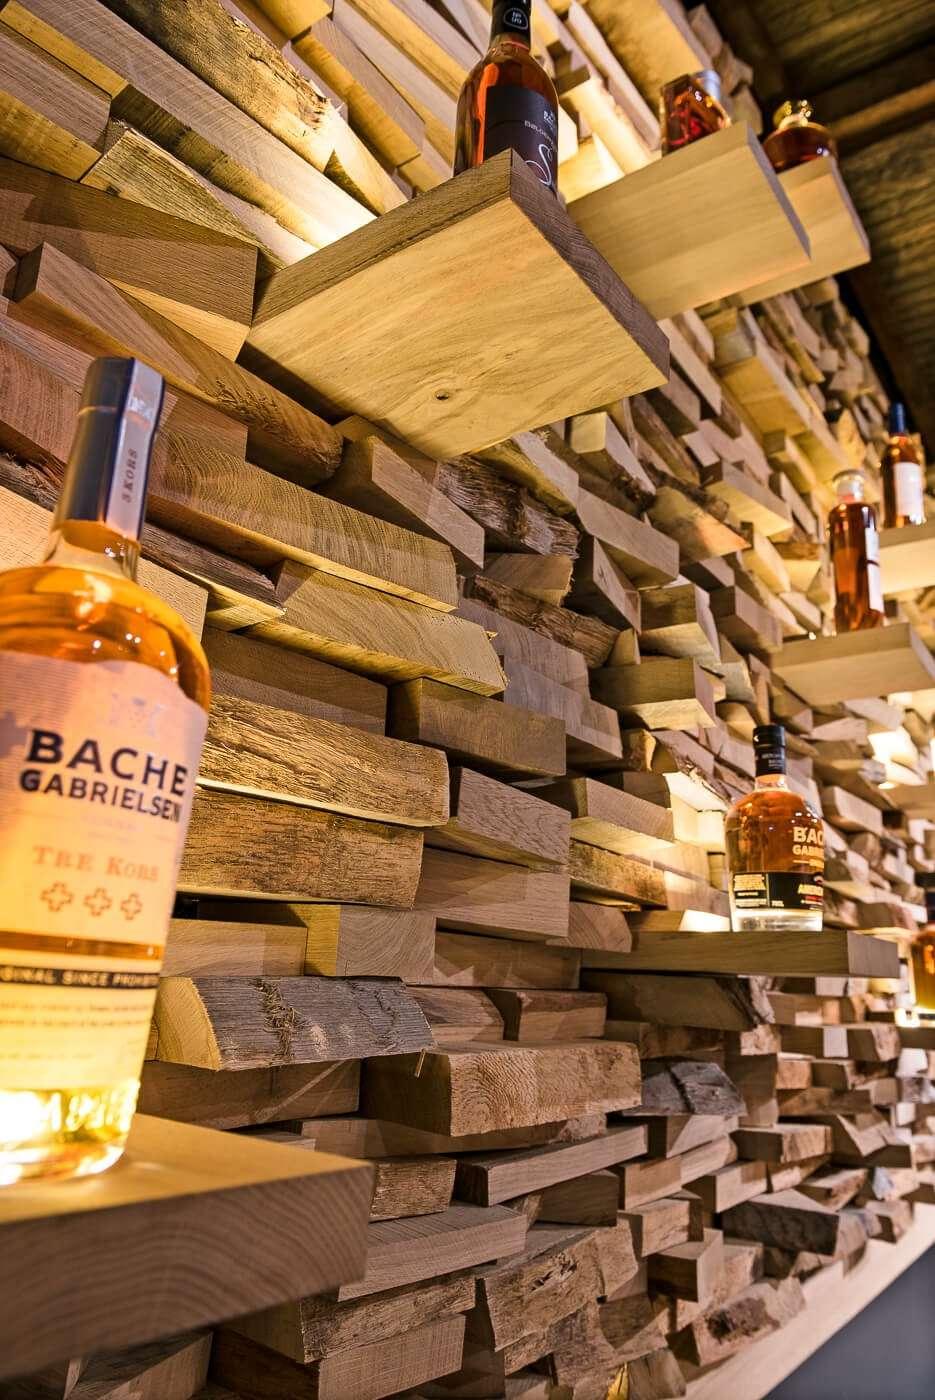 Mur d'exposition des bouteilles